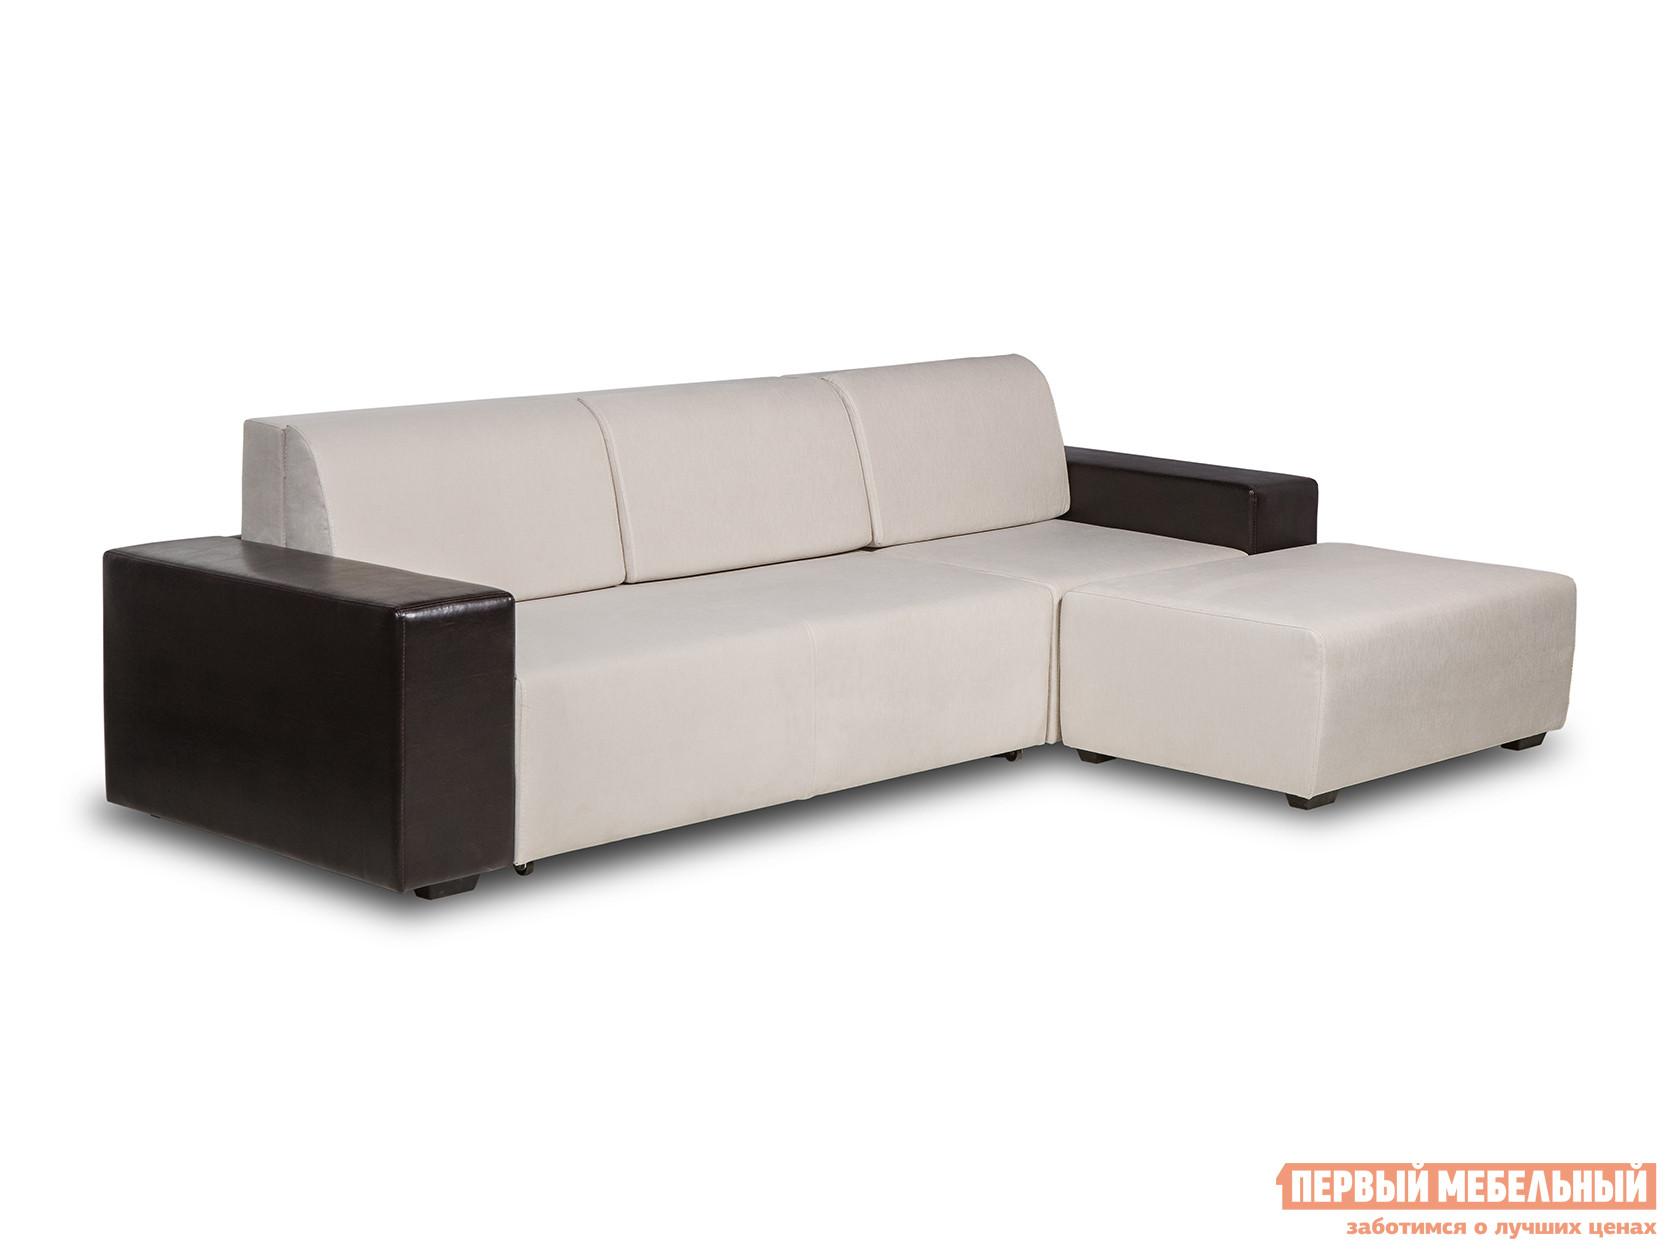 Угловой диван Первый Мебельный Малибу Мини